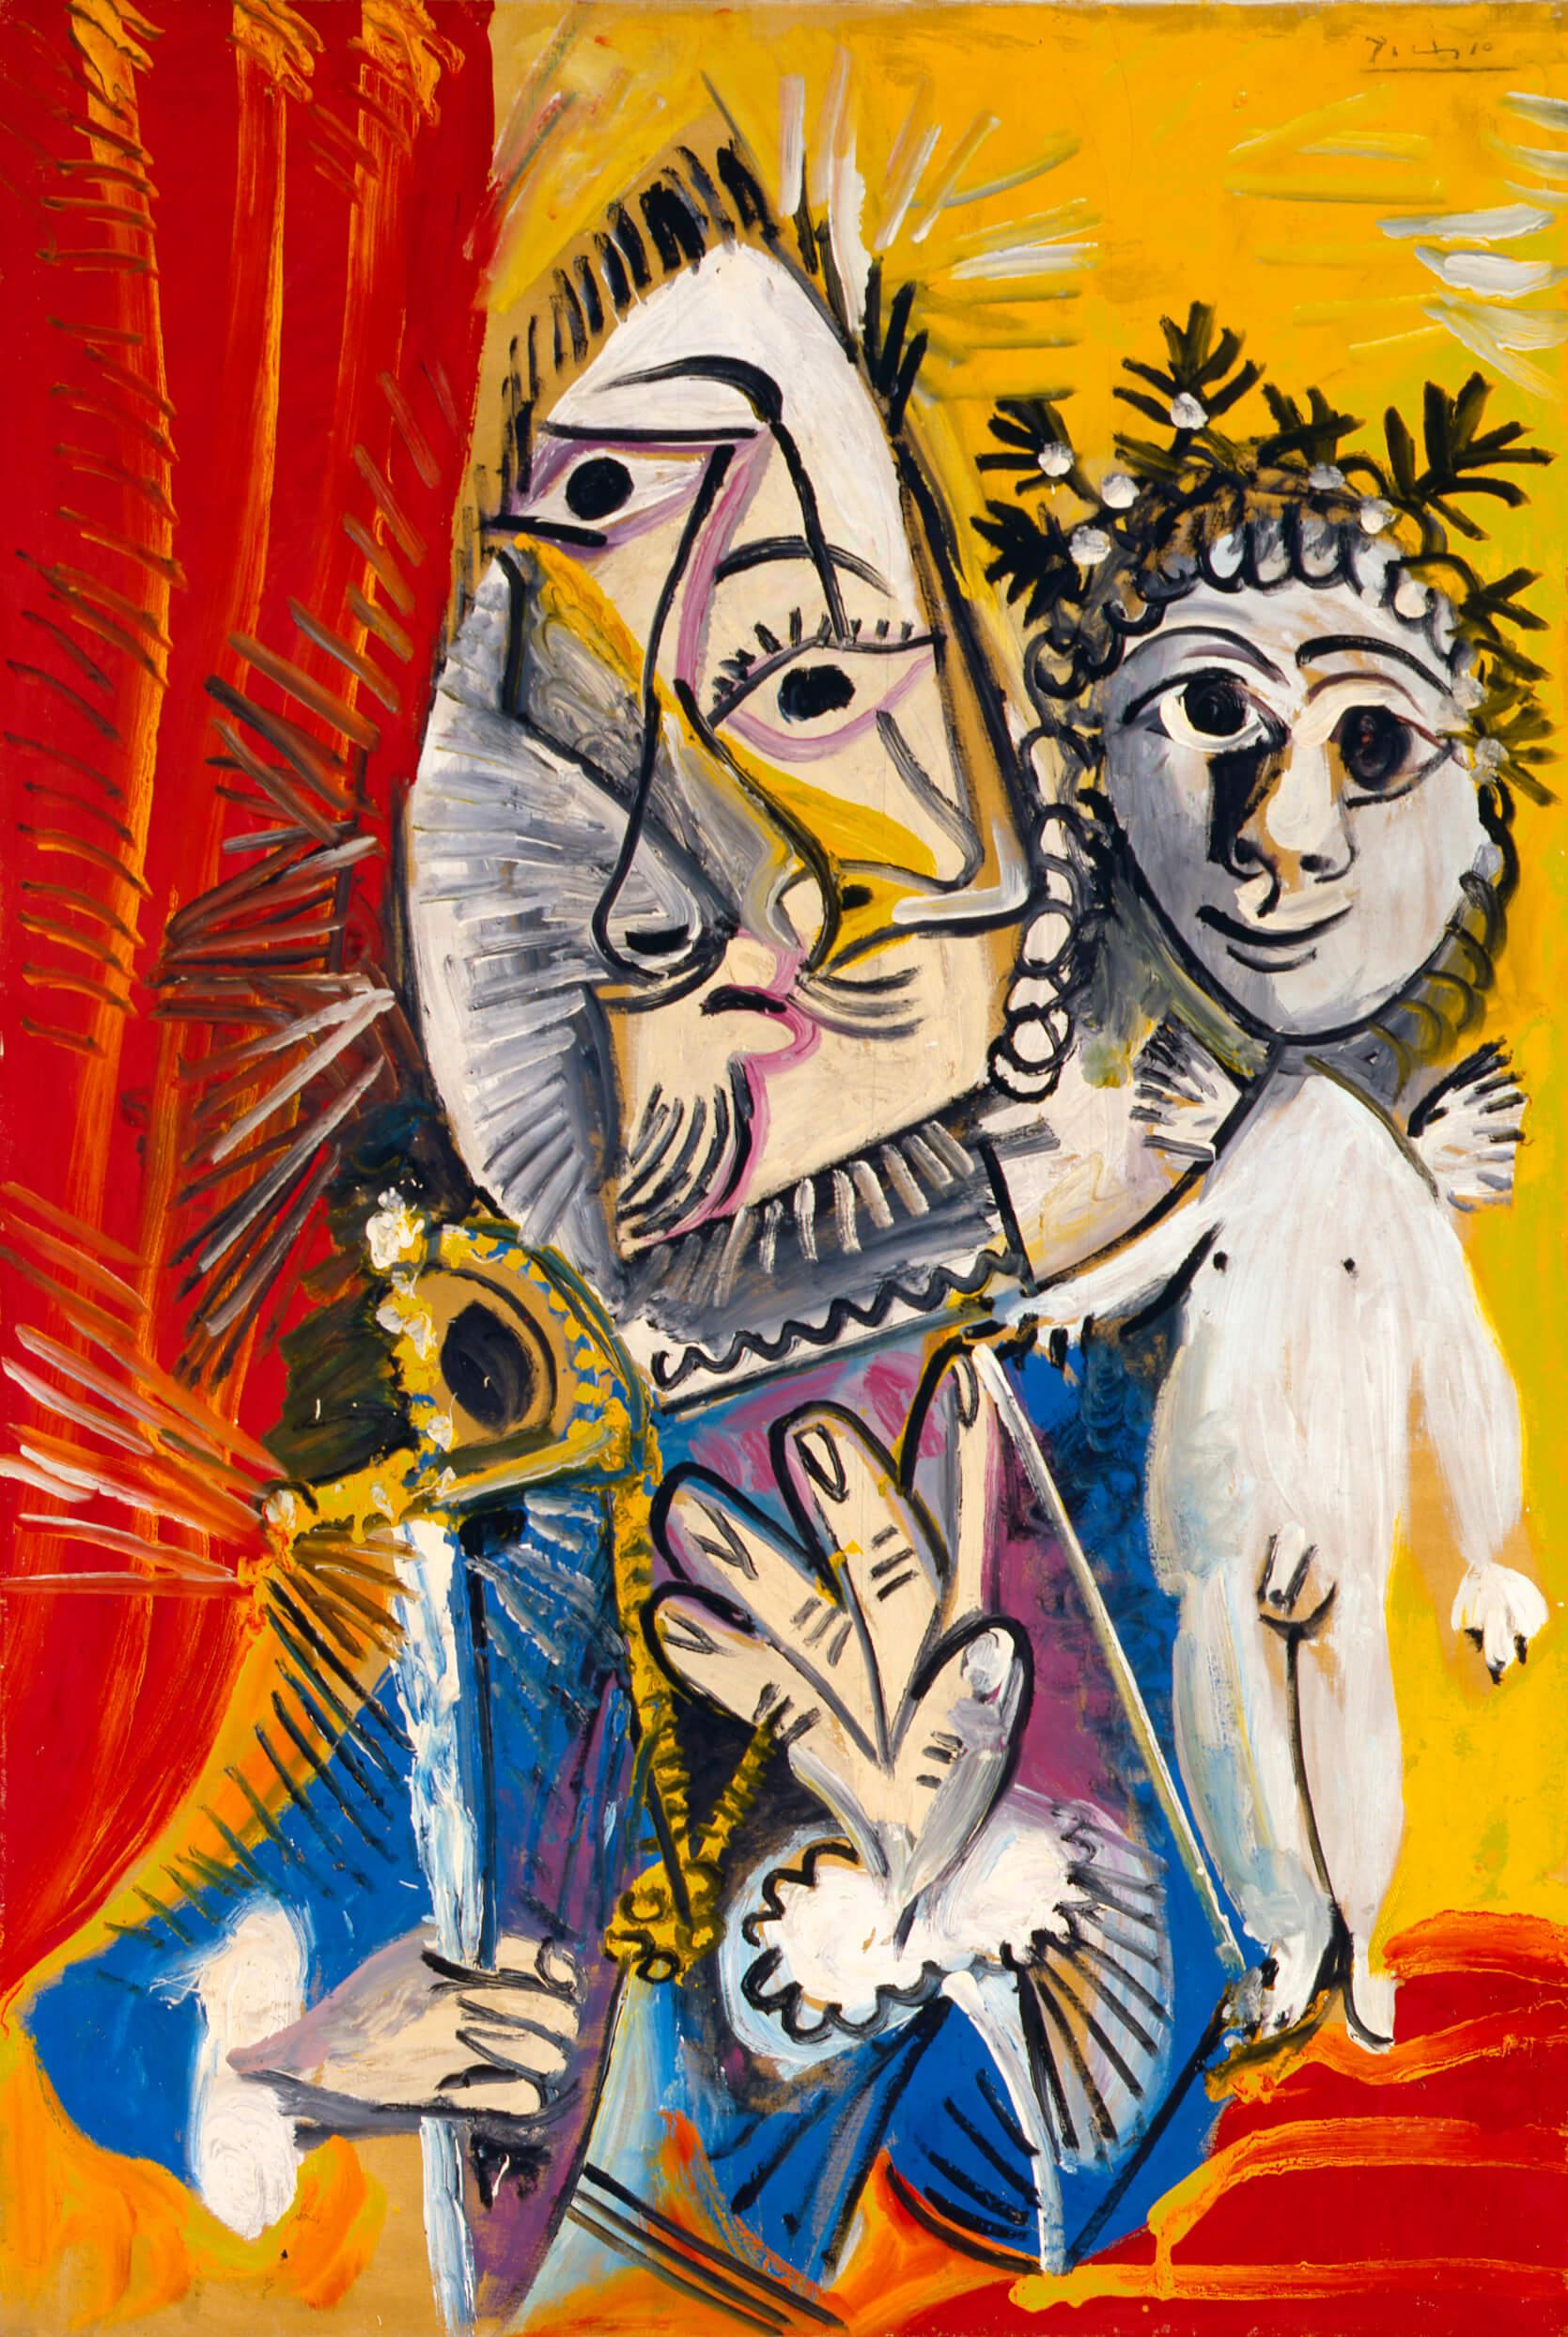 Pablo Picasso, Mousquetaire à l'épée et amour, 1969 .Museo de Bellas Artes de Asturias. Colección Pedro Masaveu